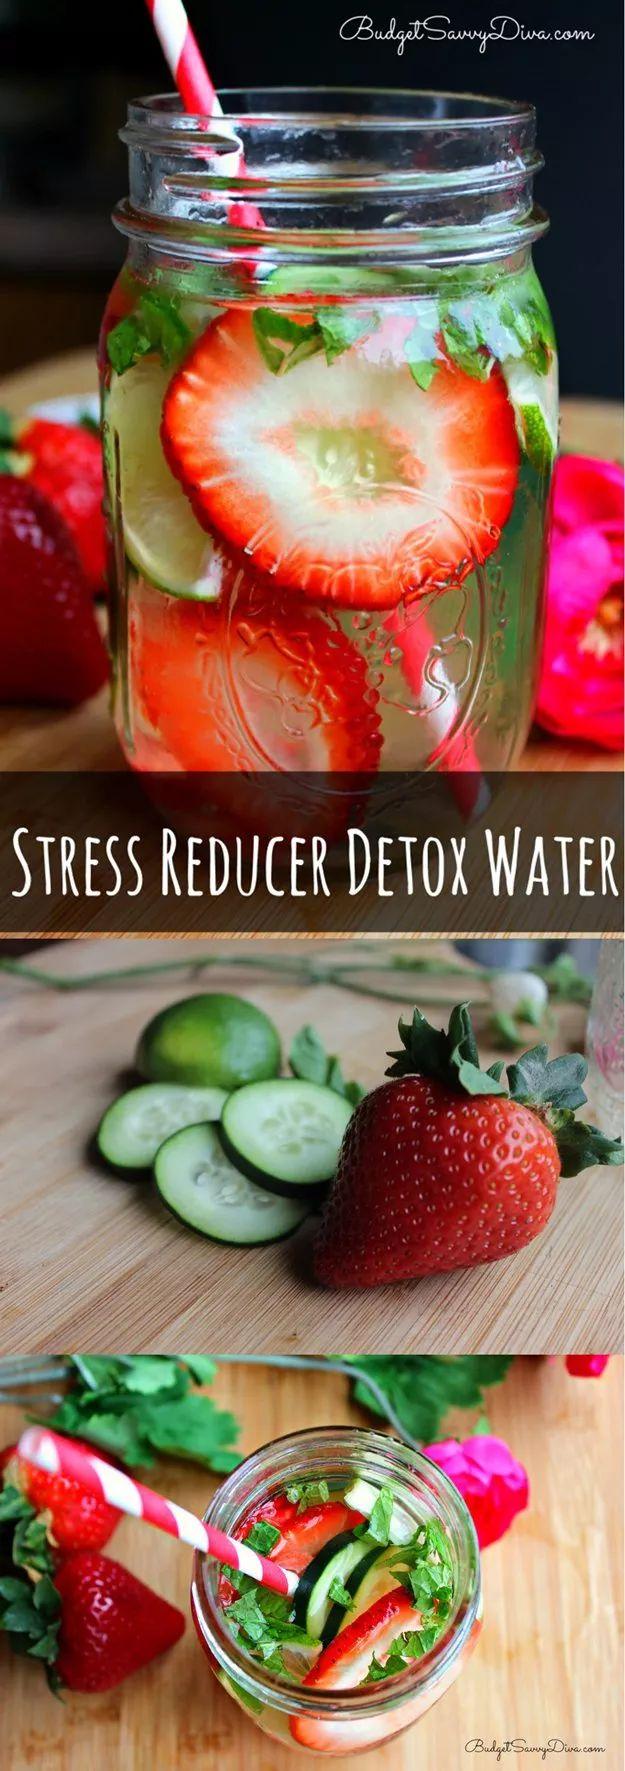 DIY STRESS REDUCER DETOX WATER